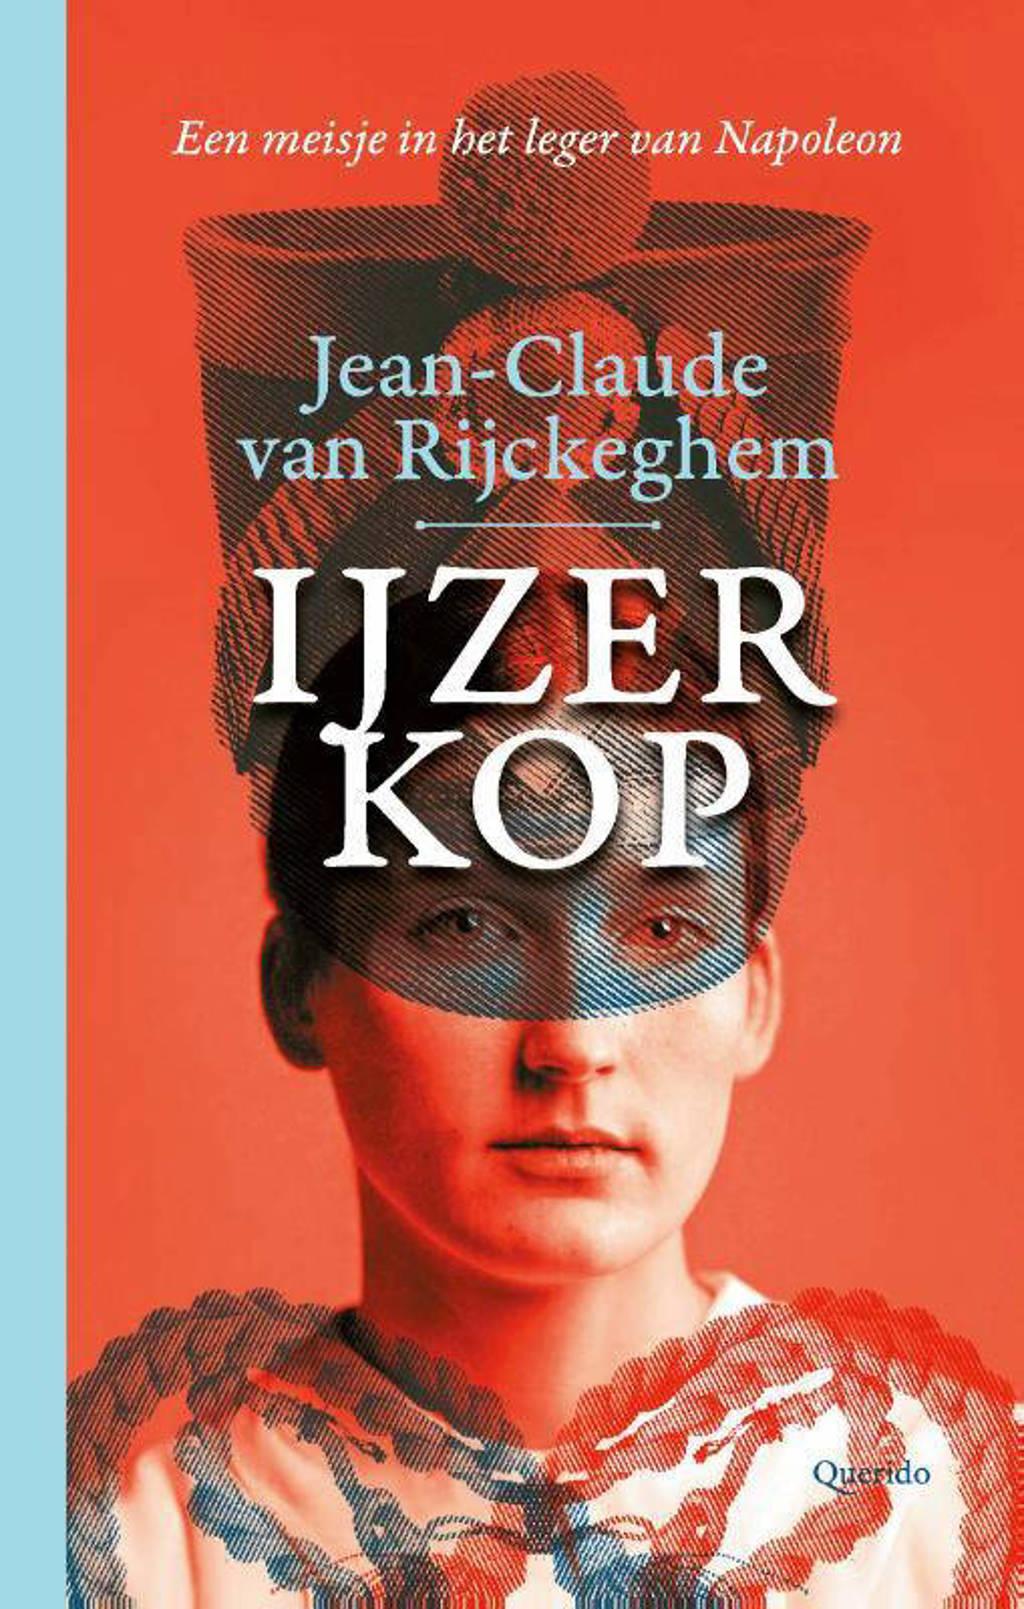 IJzerkop - Jean-Claude van Rijckeghem